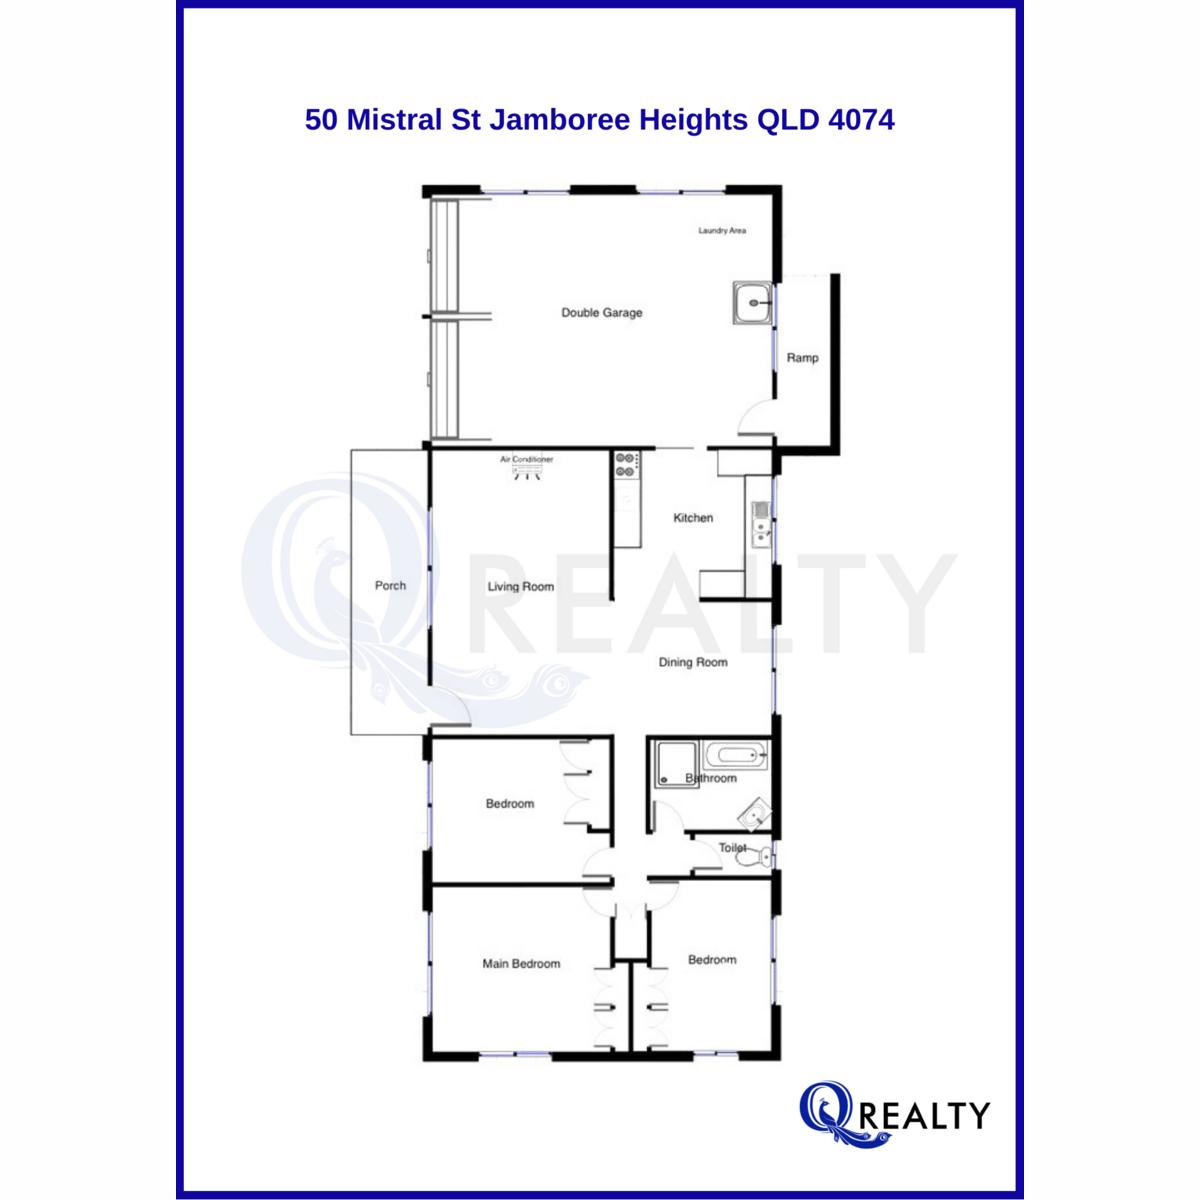 50 Mistral Street, Jamboree Heights  QLD  4074